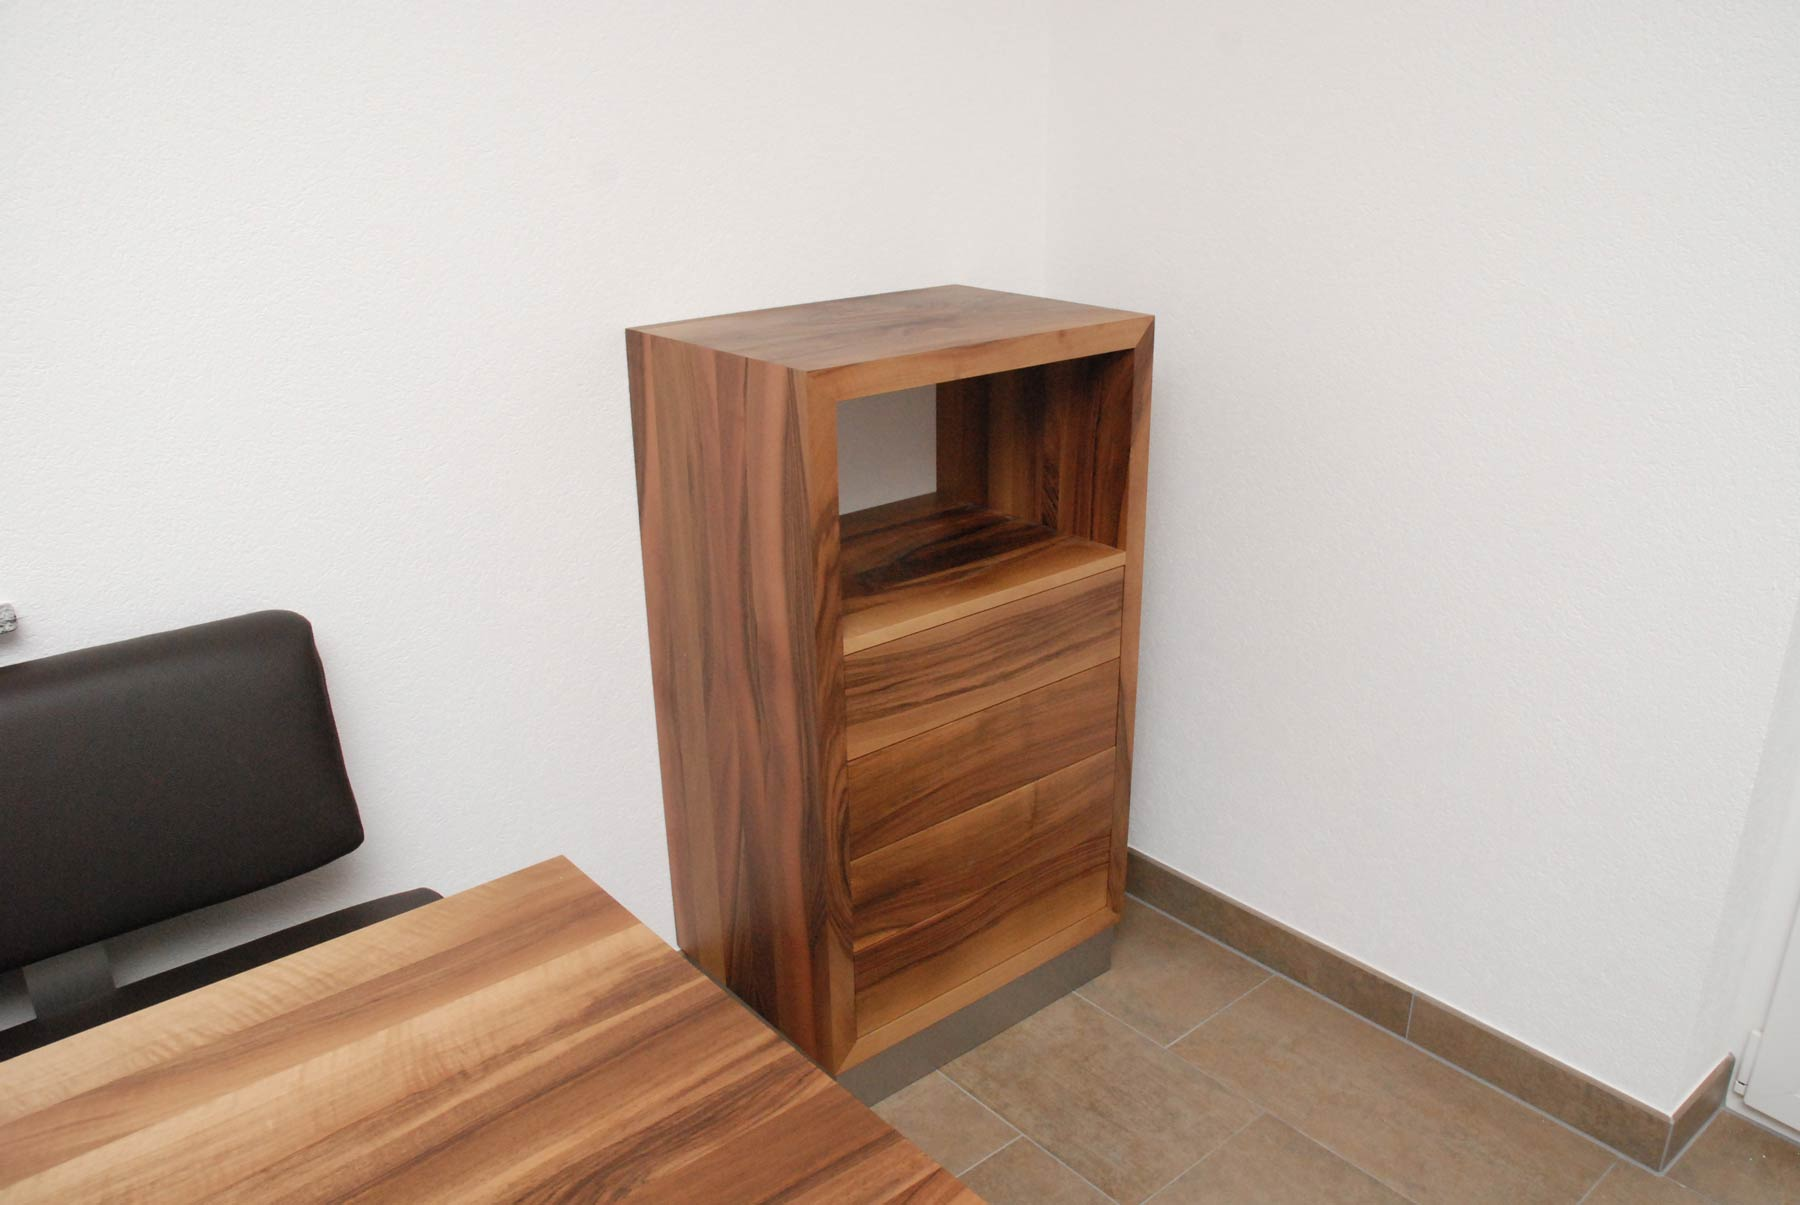 Wohnzimmerschrank Mit Schubladen In Nussbaum